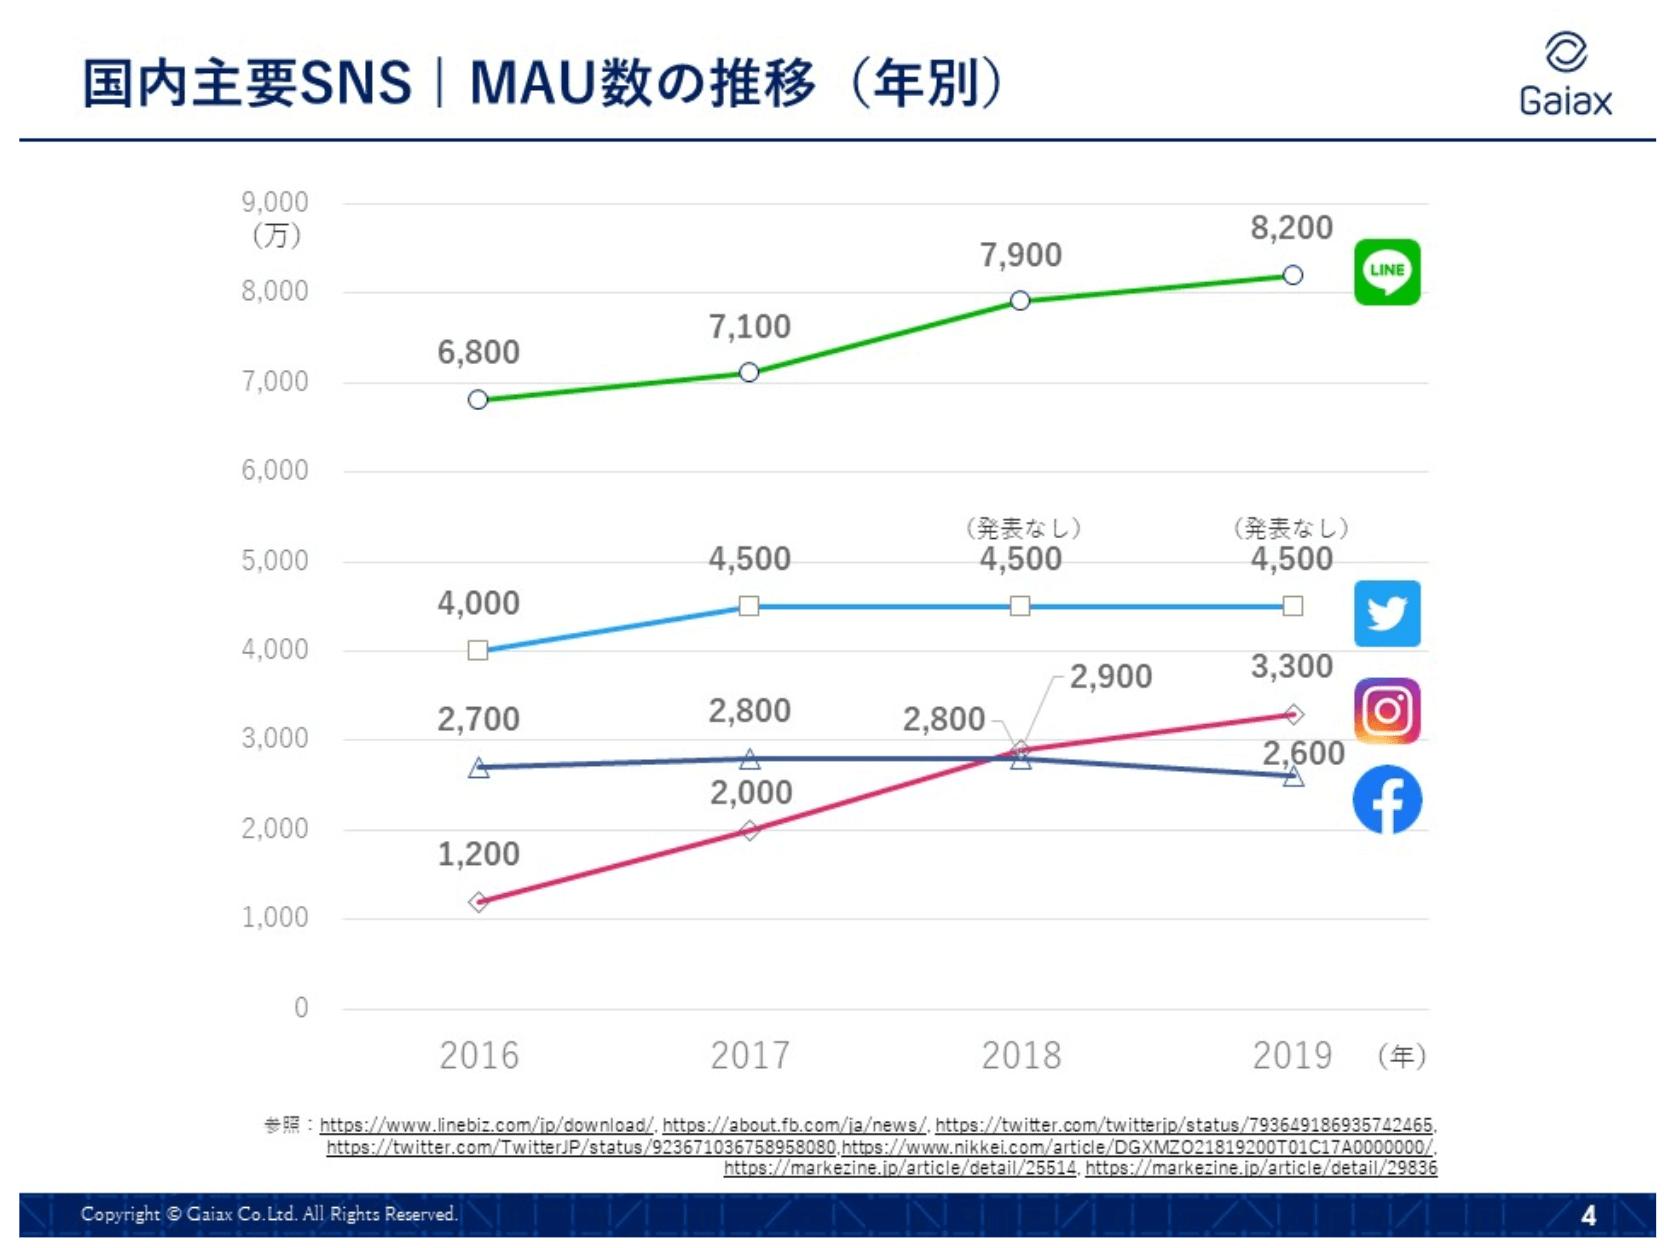 国内主要SNSのMAU数の推移(年別)